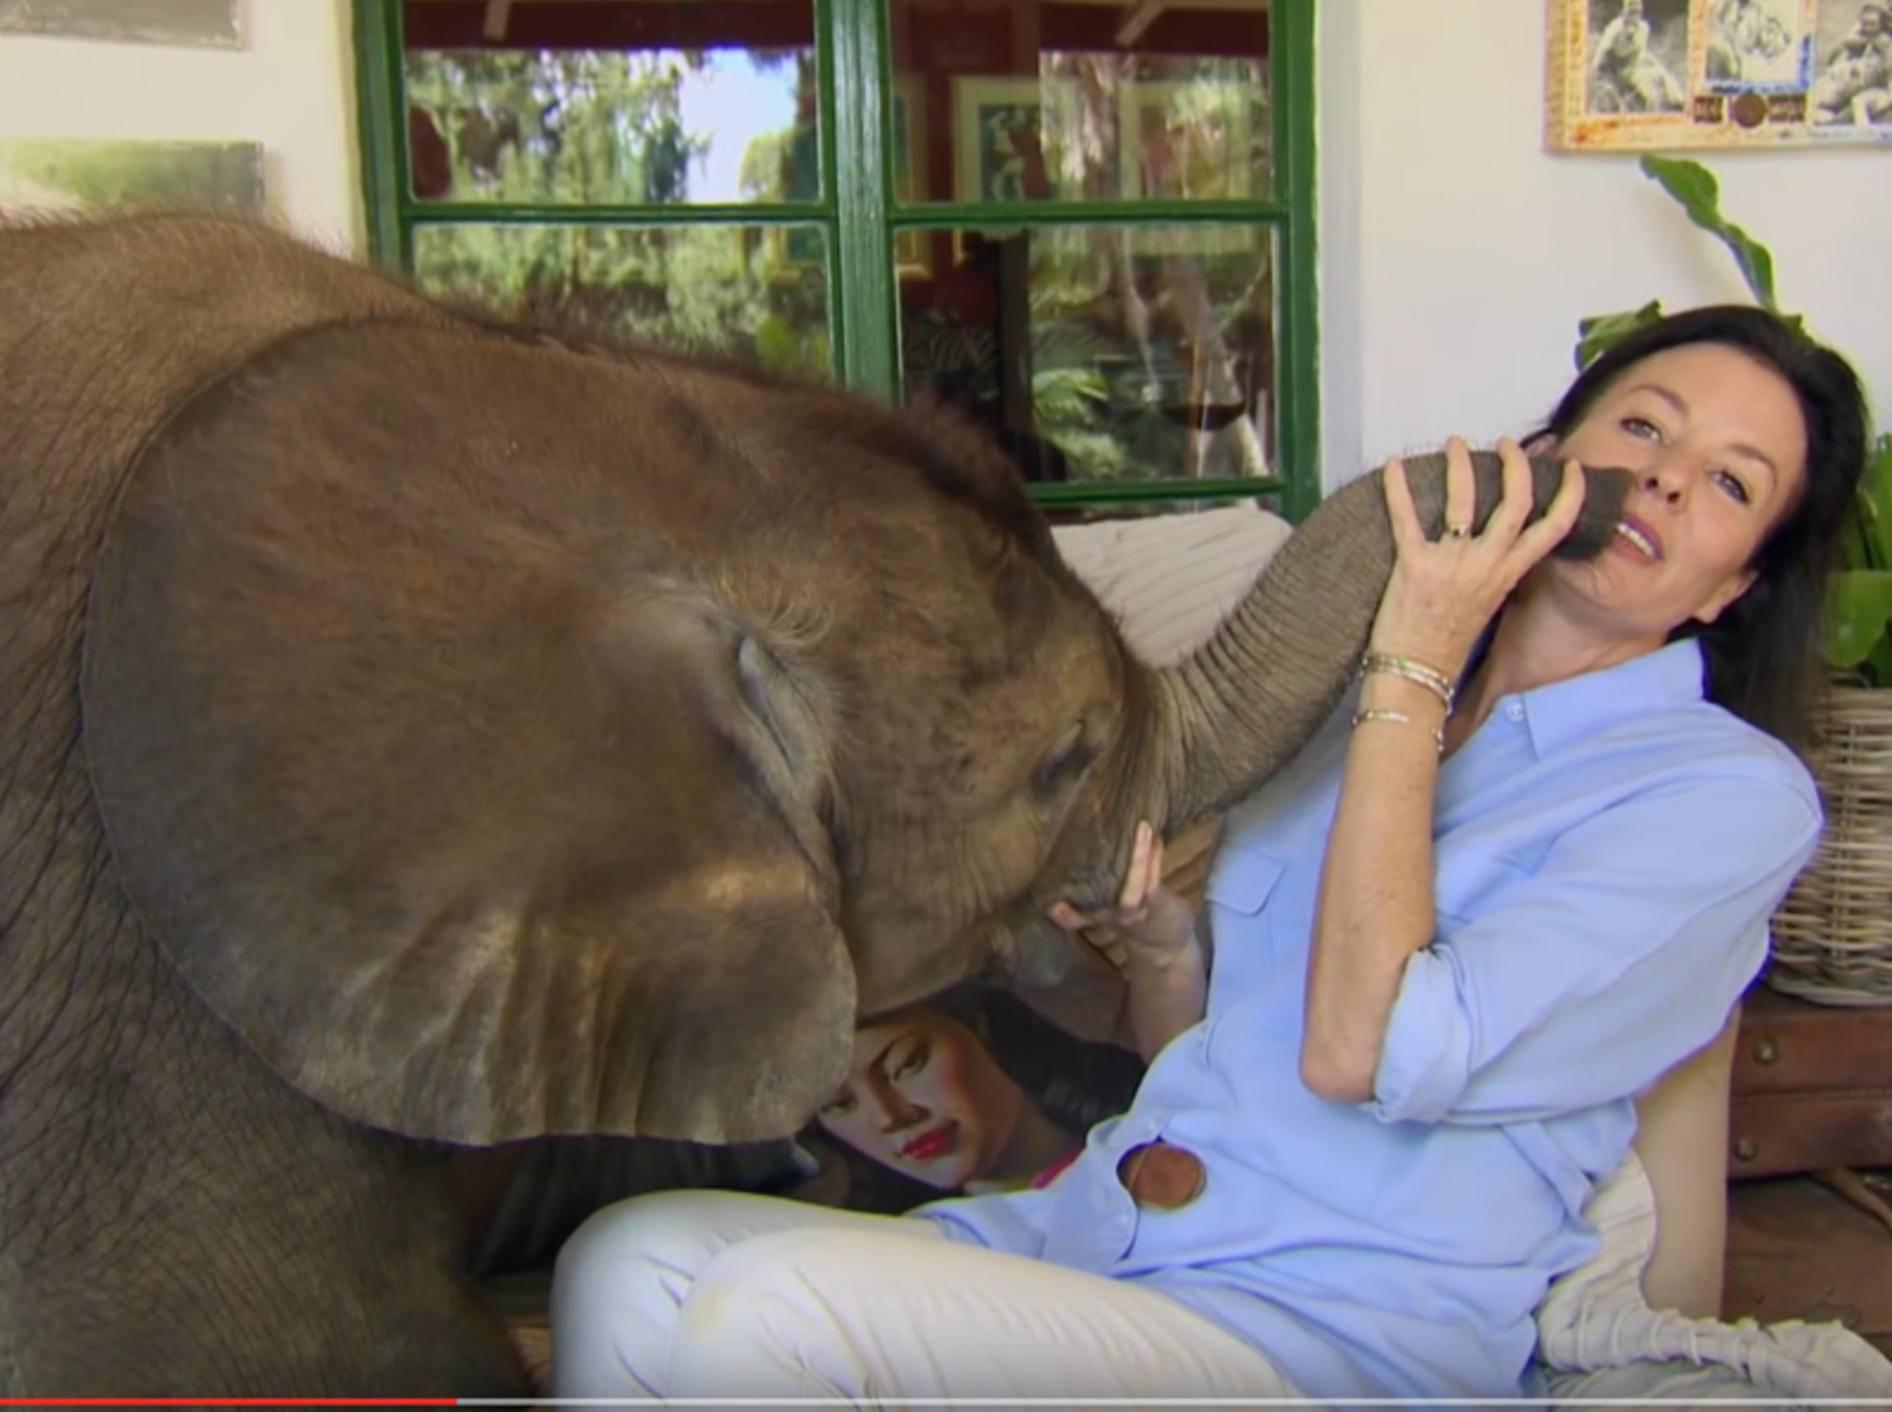 Kleiner Elefant weicht seiner Retterin nicht von der Seite – YouTube / BBC